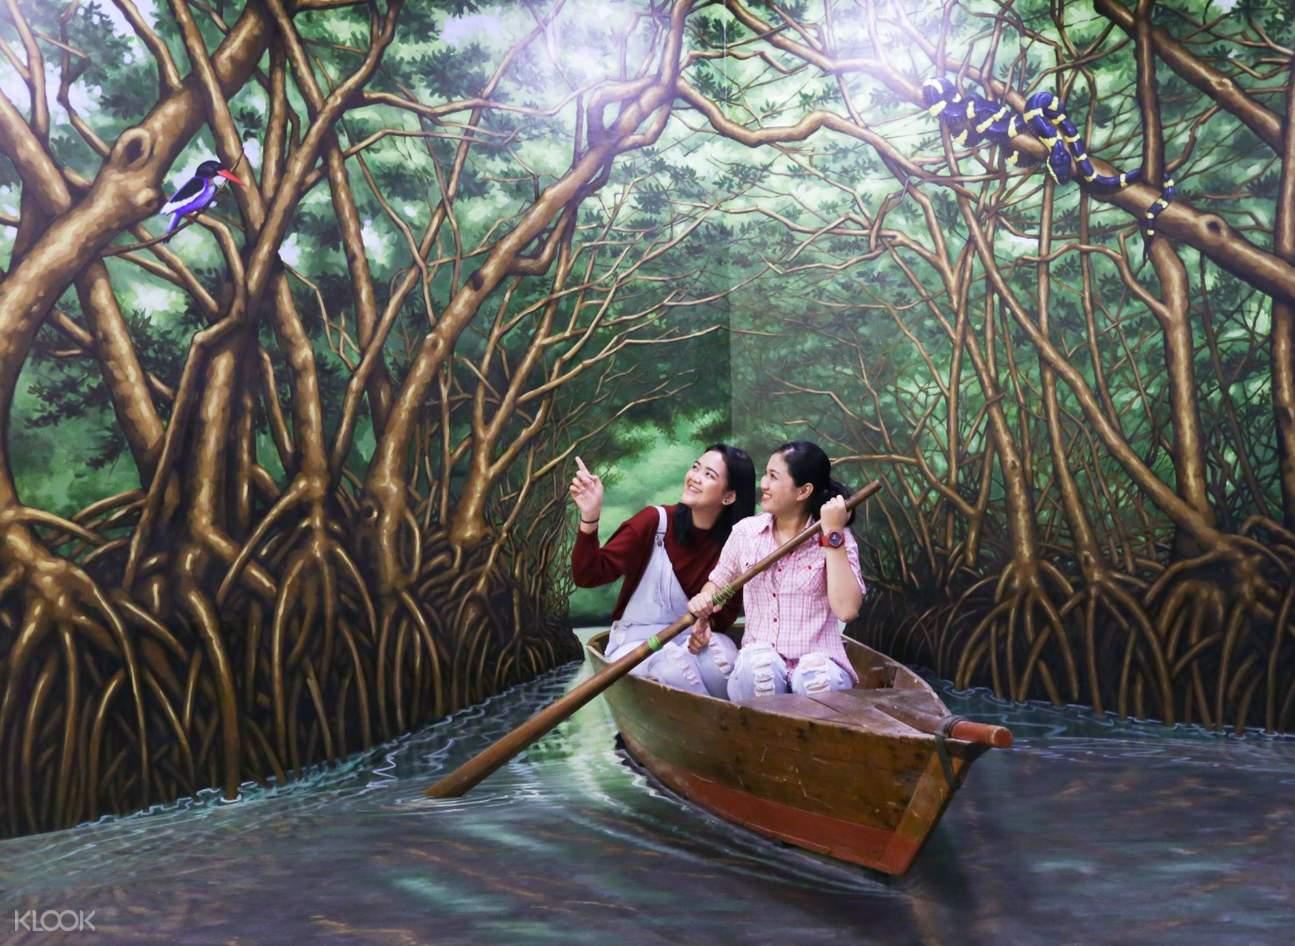 boat 3d art in rumah imaji bintan